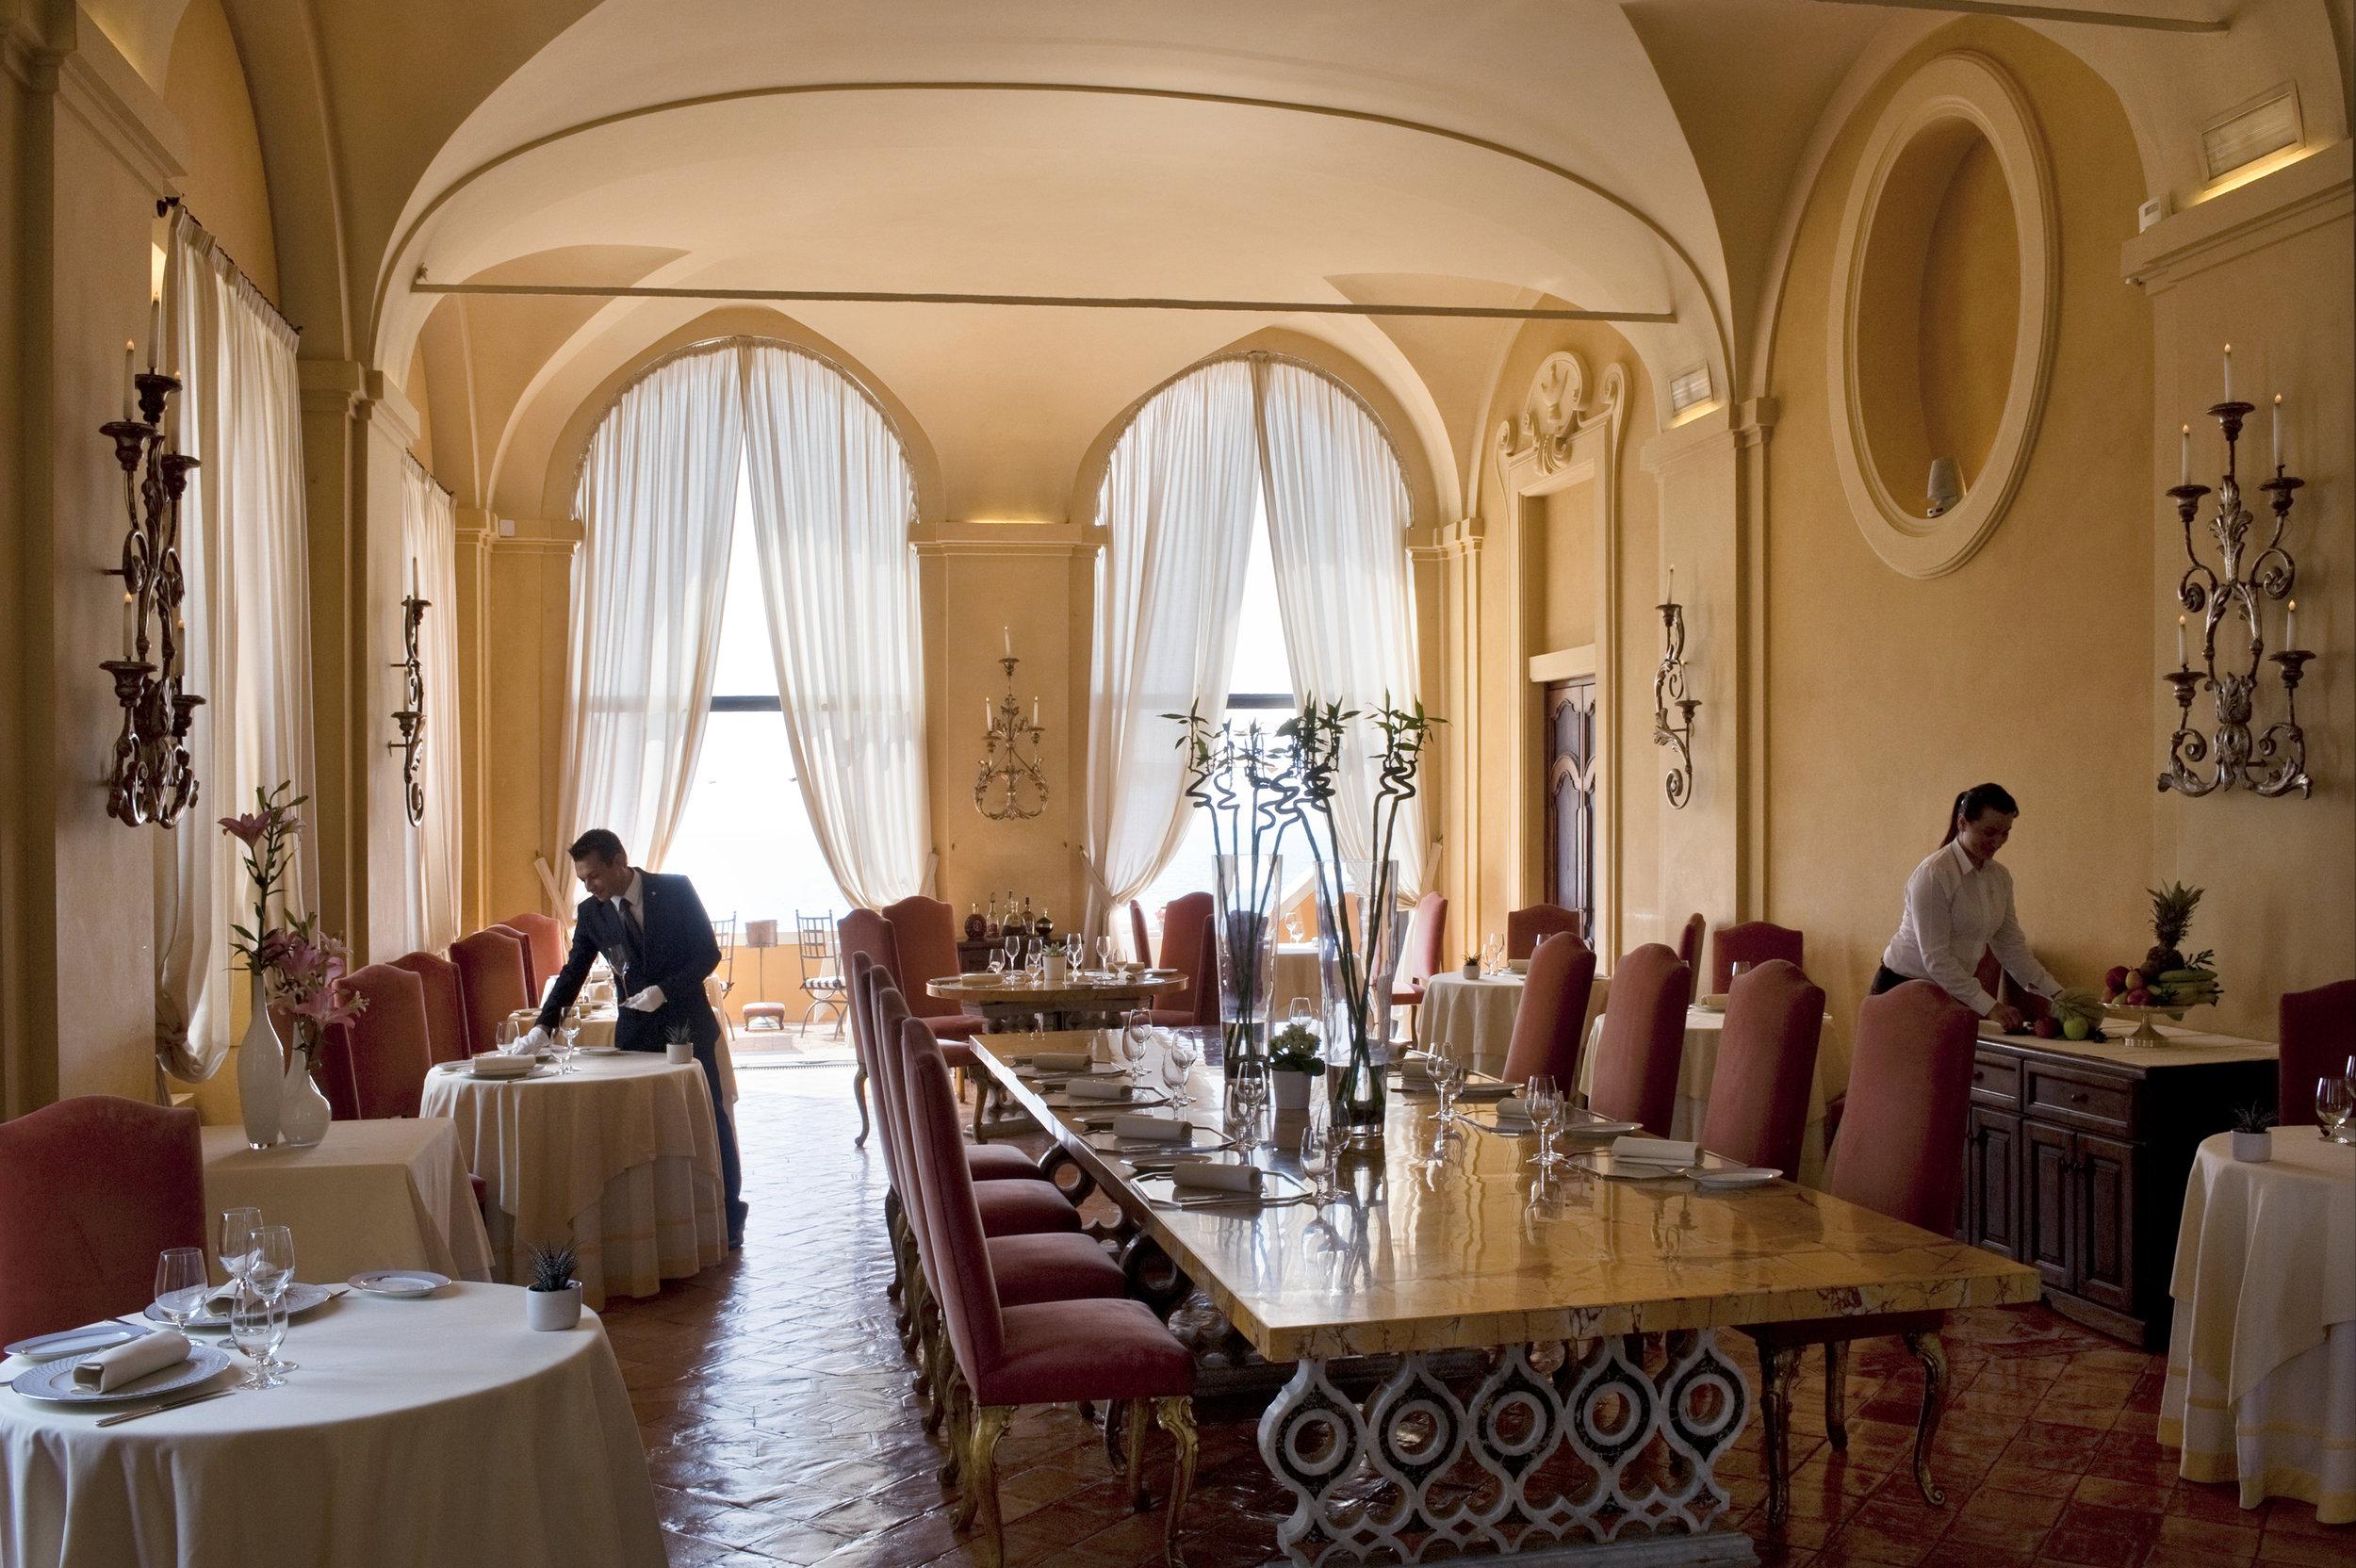 The Cesar Restaurant, Internal View 5.jpg